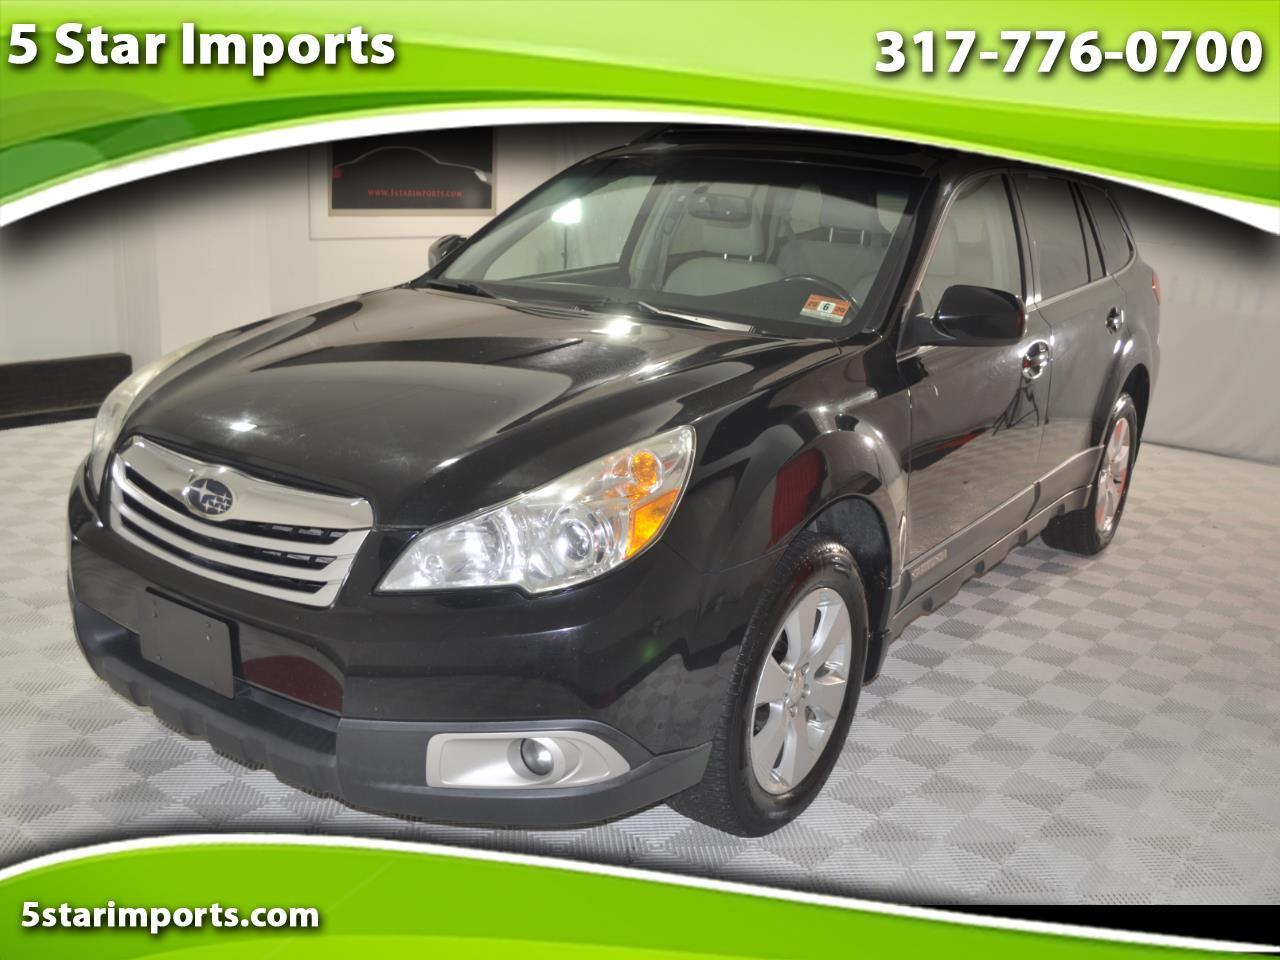 Subaru Outback 2.5i Limited 2010